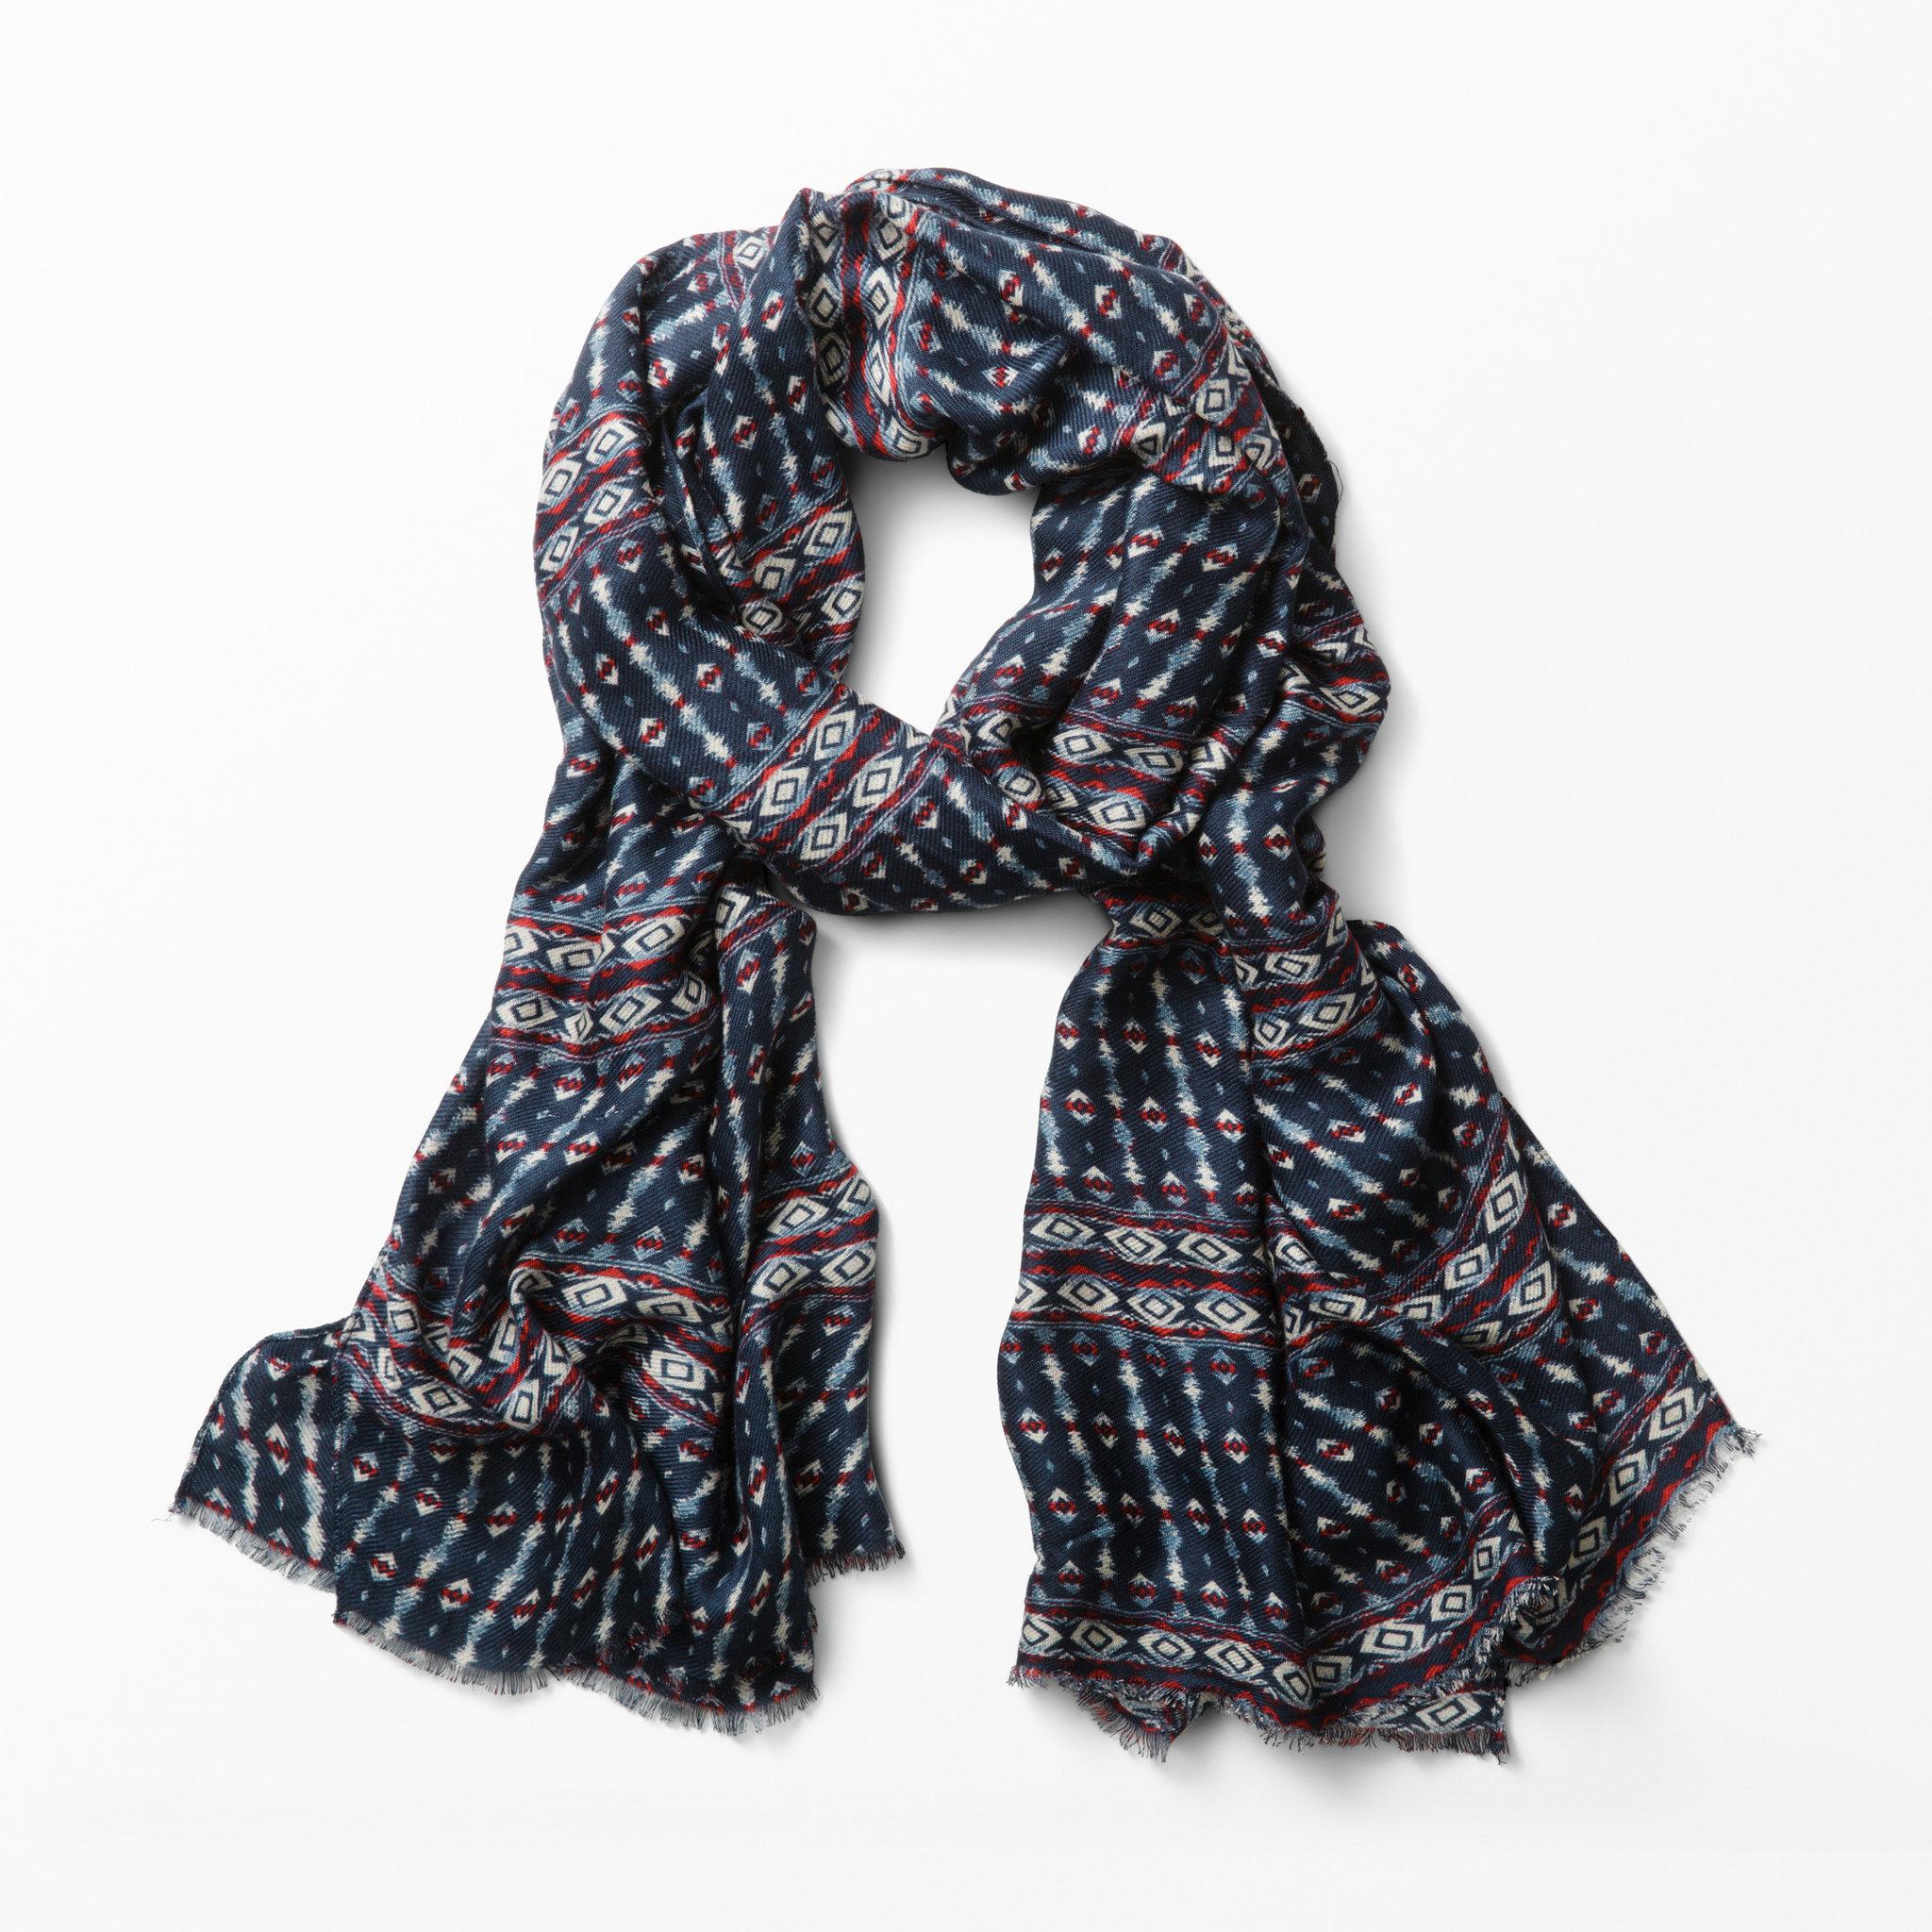 Scarf mönstrad - Halsdukar   scarves - Köp online på åhlens.se! bbd05c9d5d03d